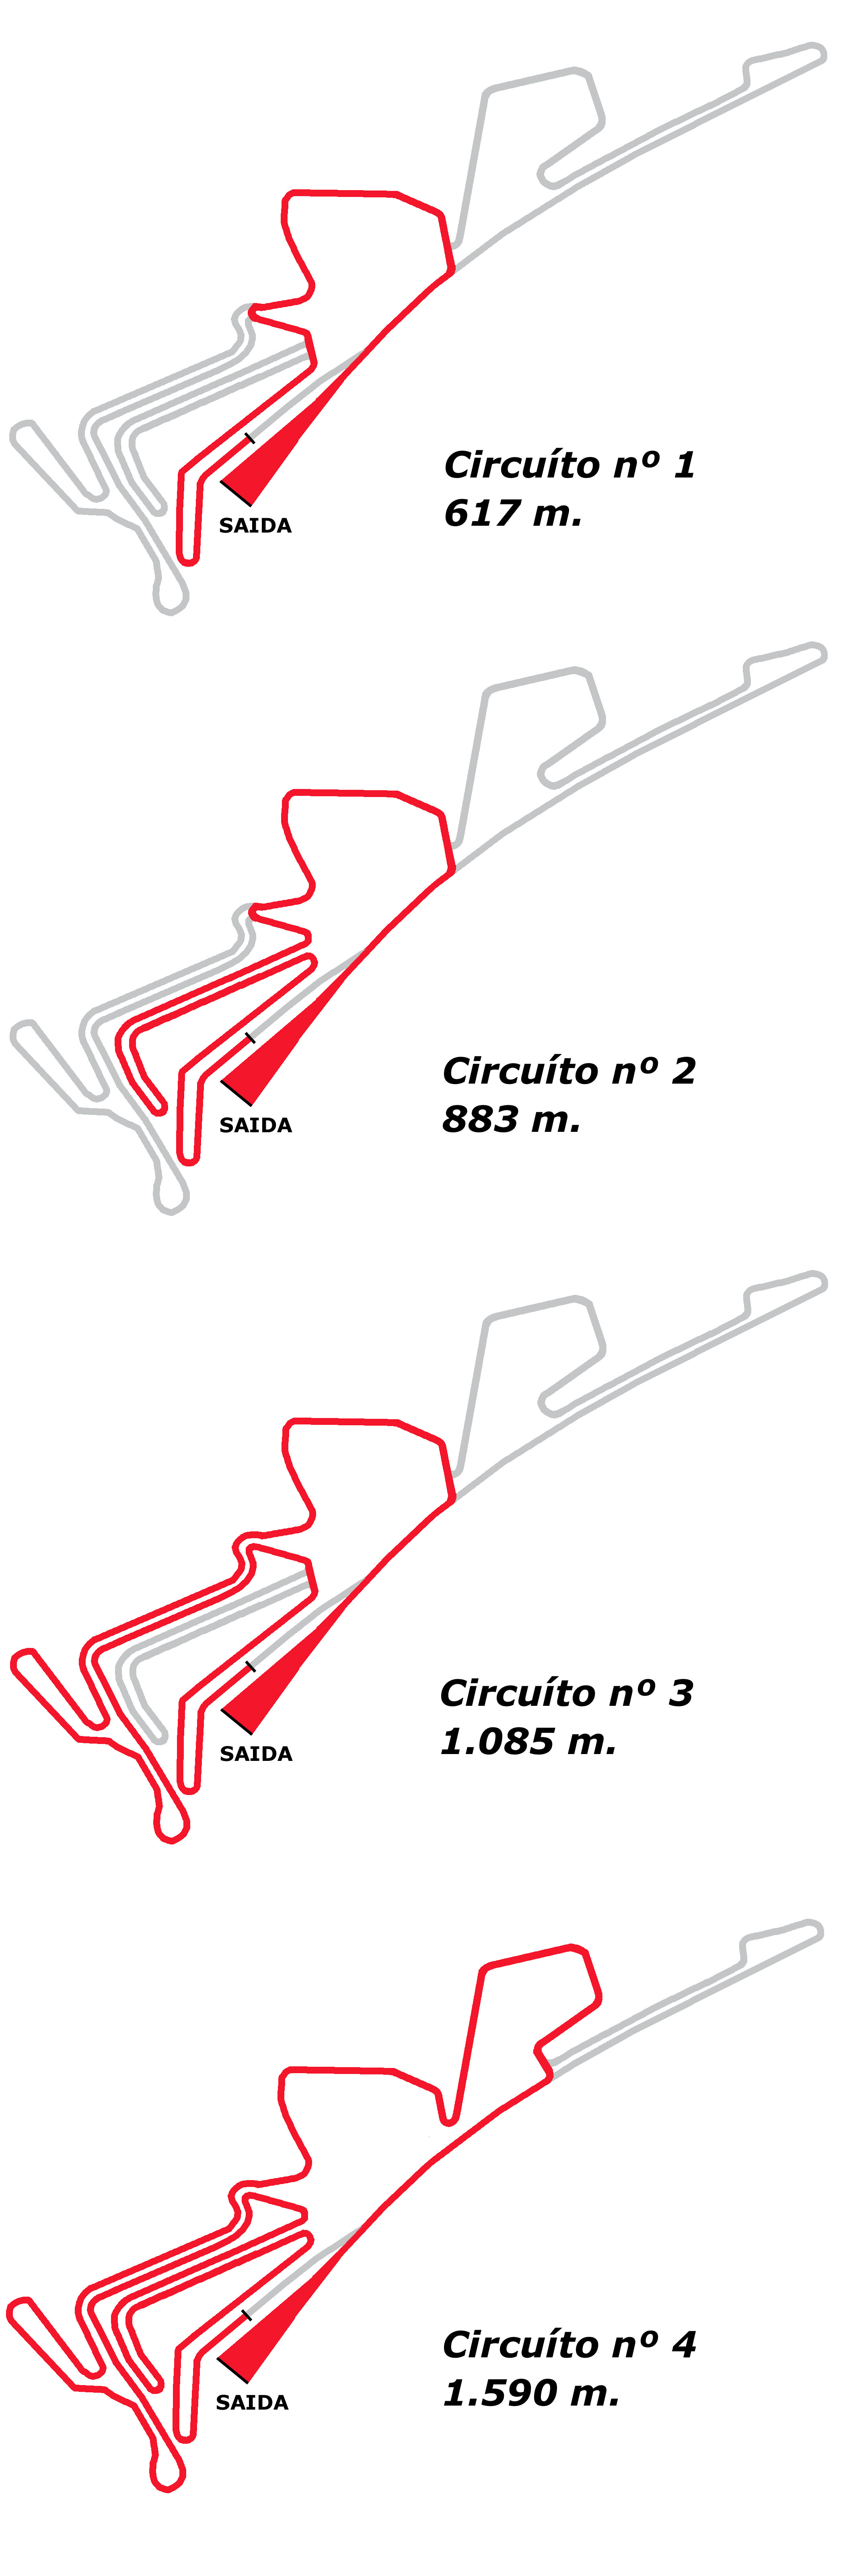 Circuitos 2016